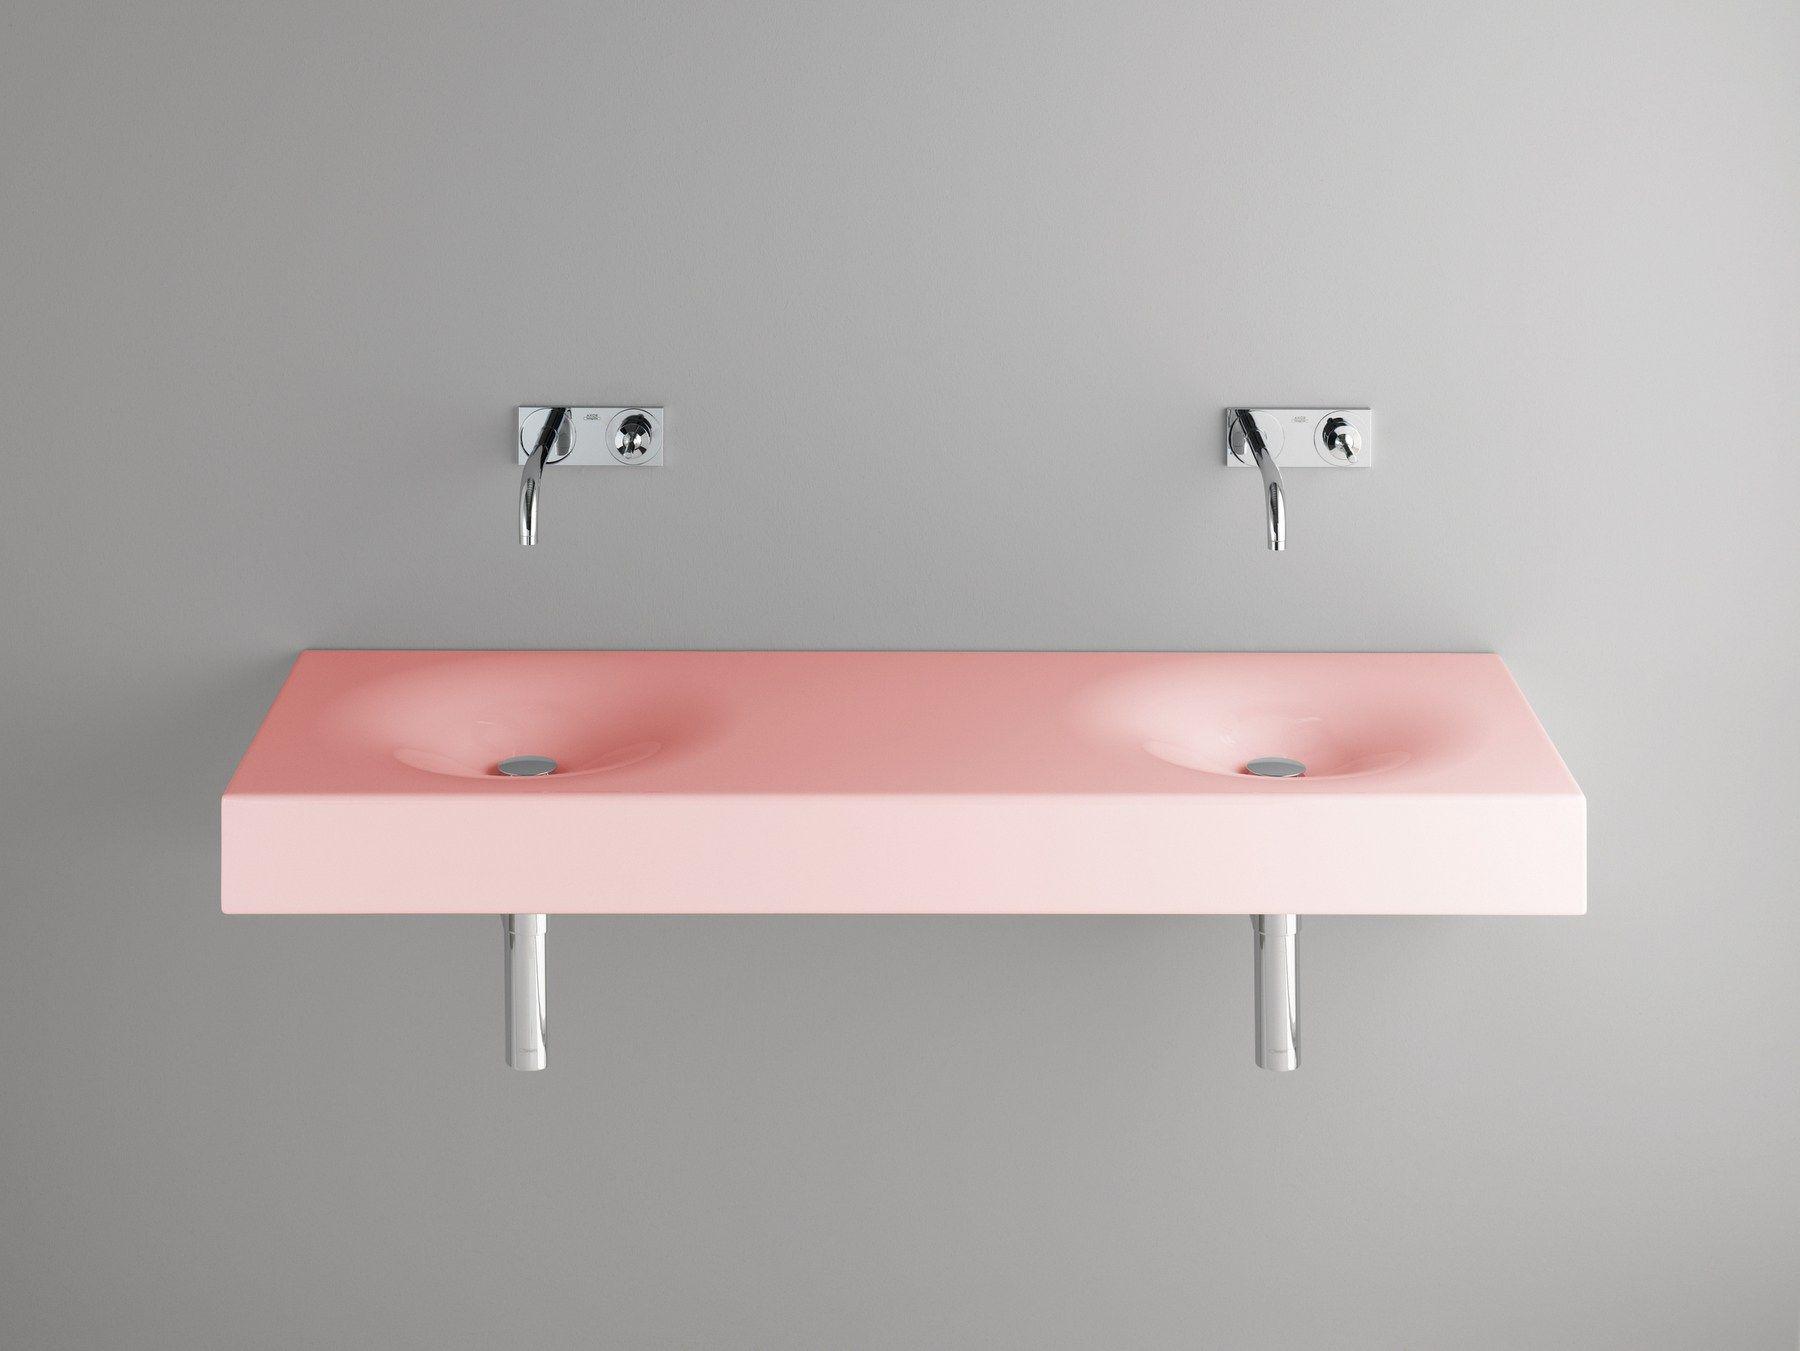 bettebowl lavabo double by bette design schmiddem design. Black Bedroom Furniture Sets. Home Design Ideas